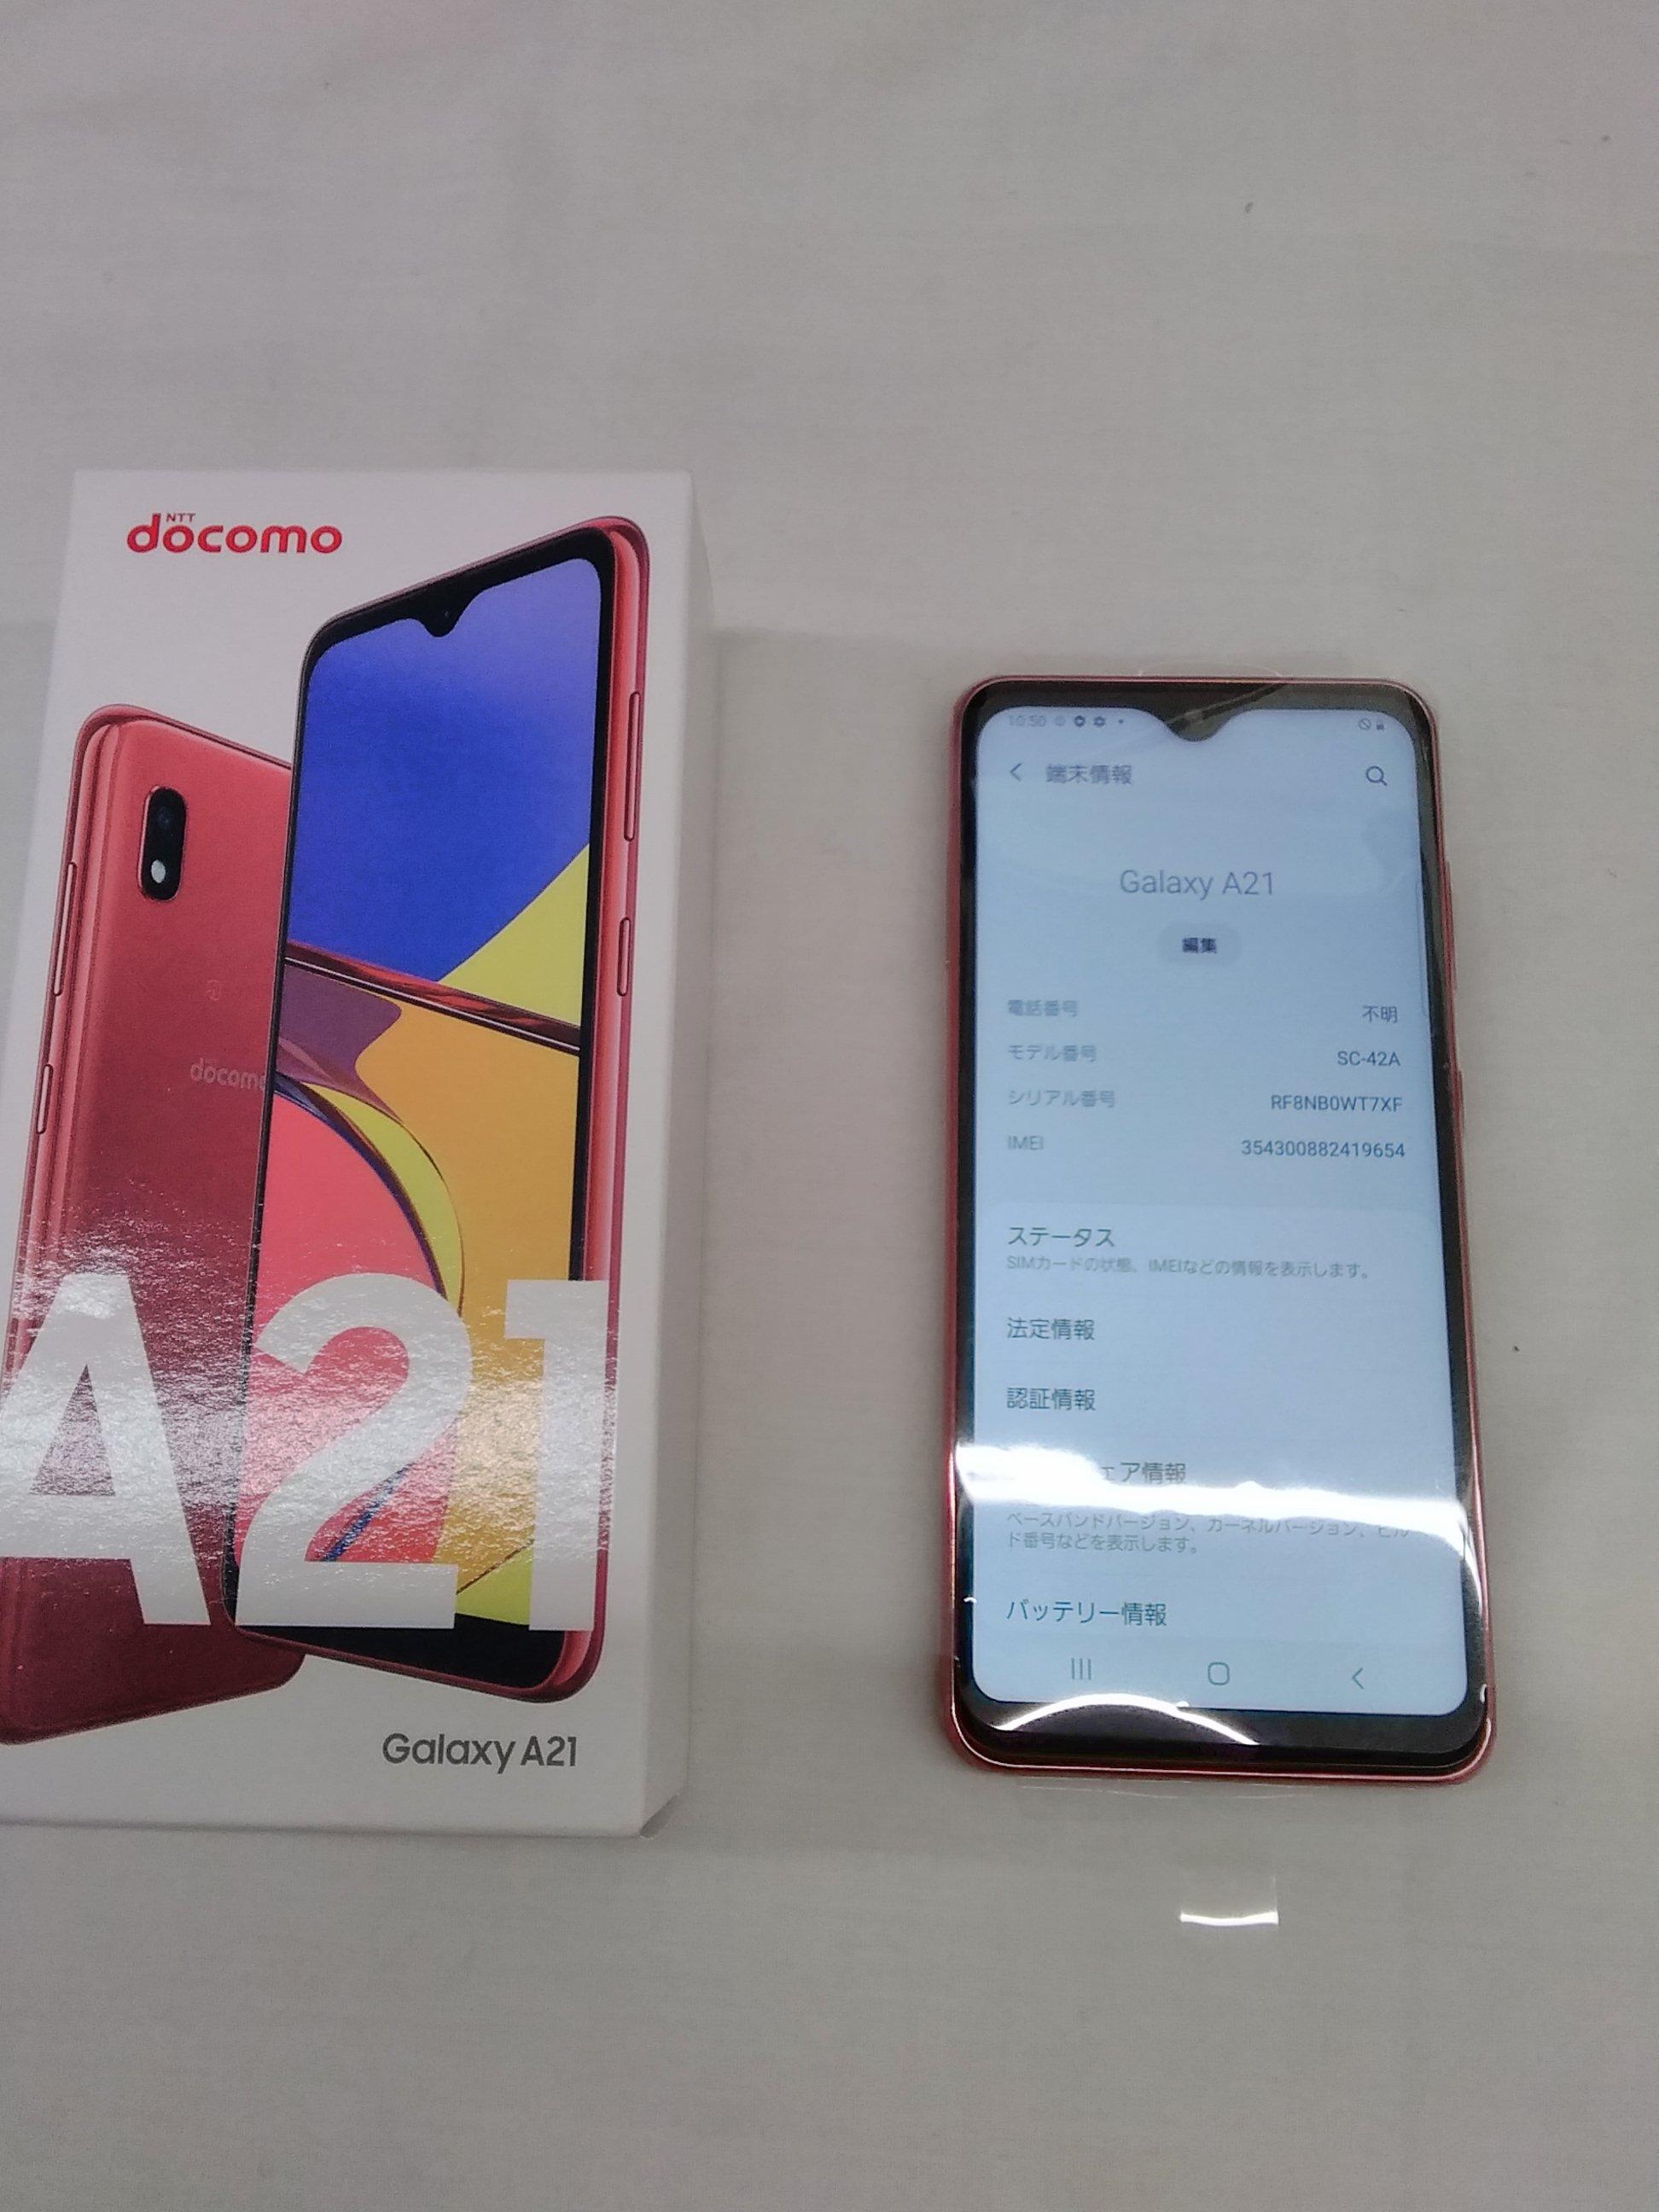 スマートフォン|SAMSUNG/DOCOMO